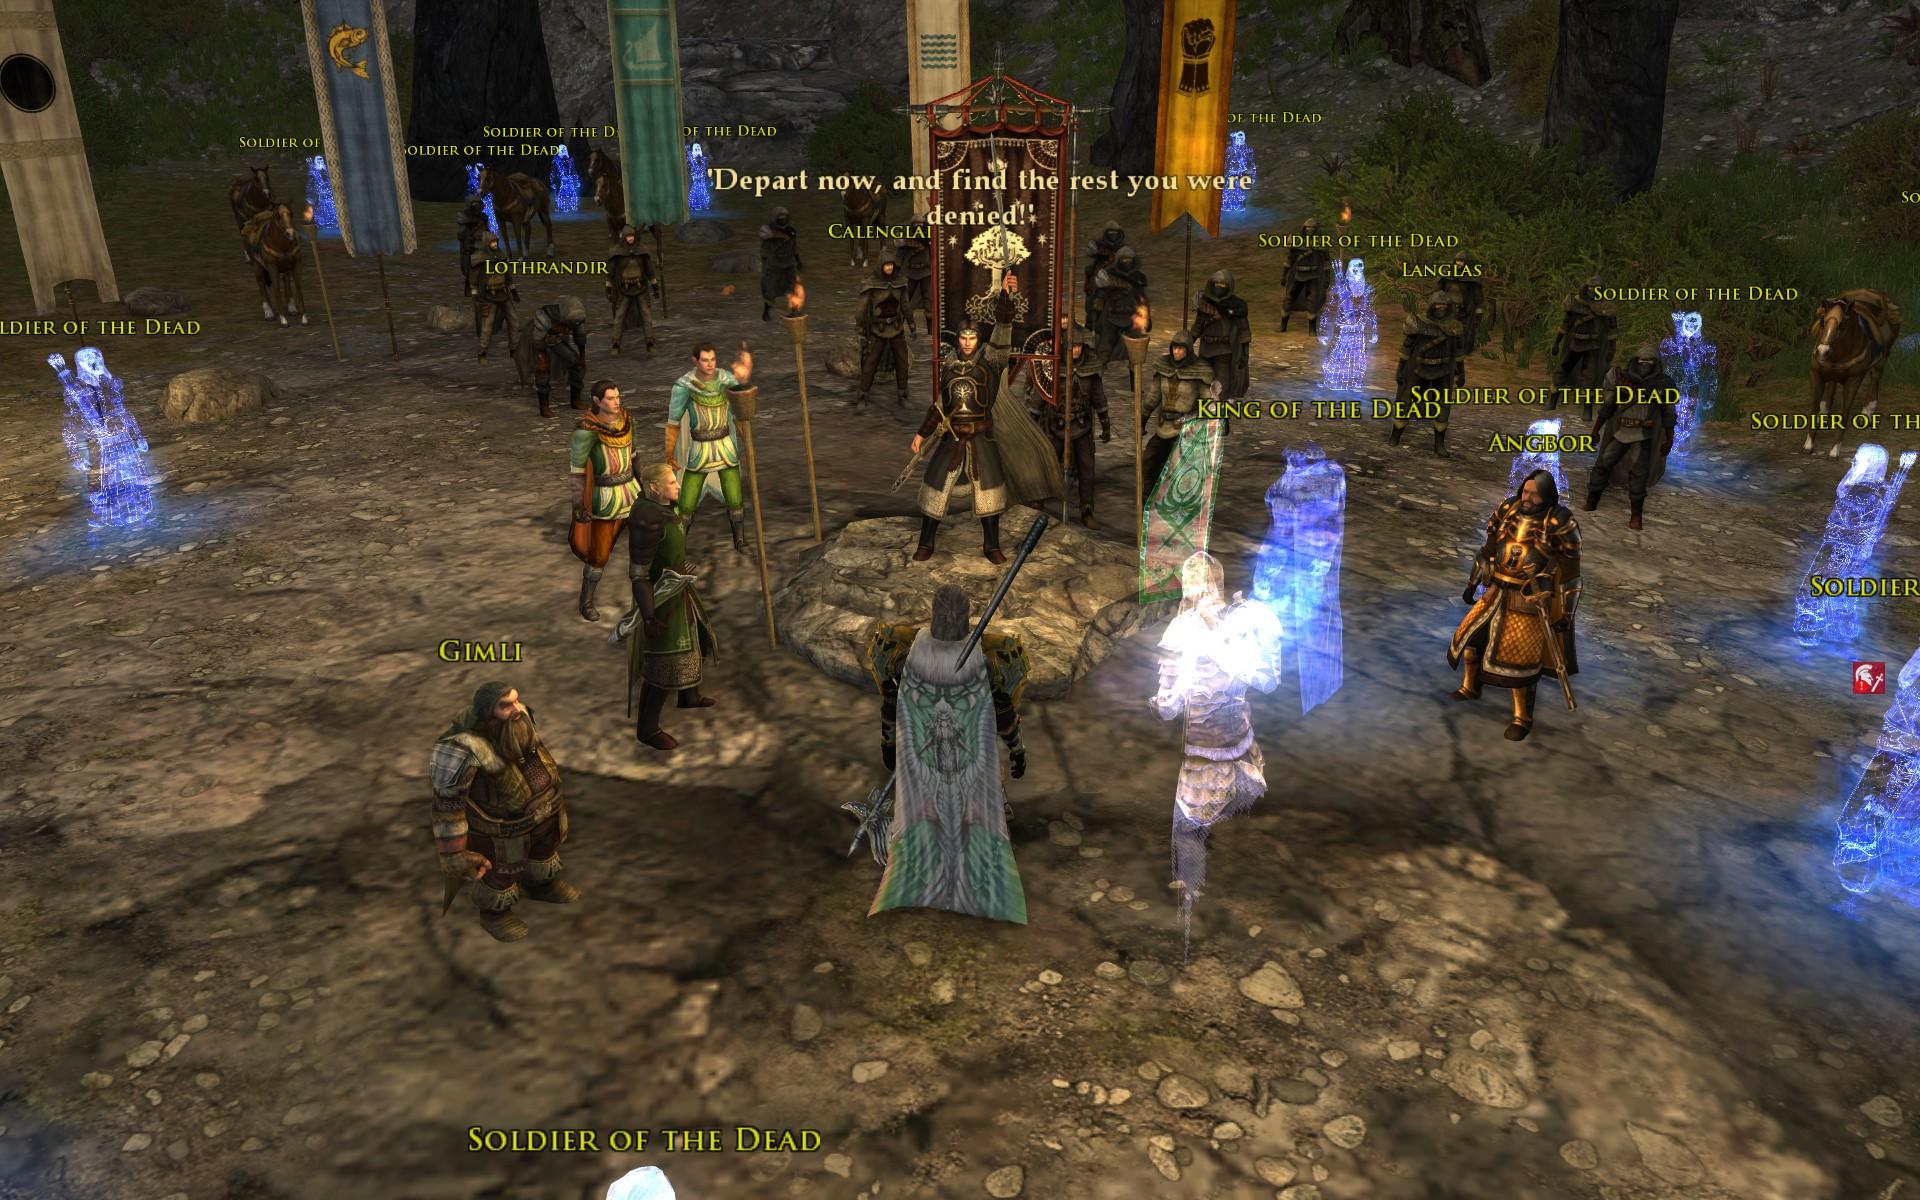 『ロード・オブ・ザ・リングス オンライン』におけるアラゴルン(ペラルギア奪取後、死者の軍勢を解放する場面)